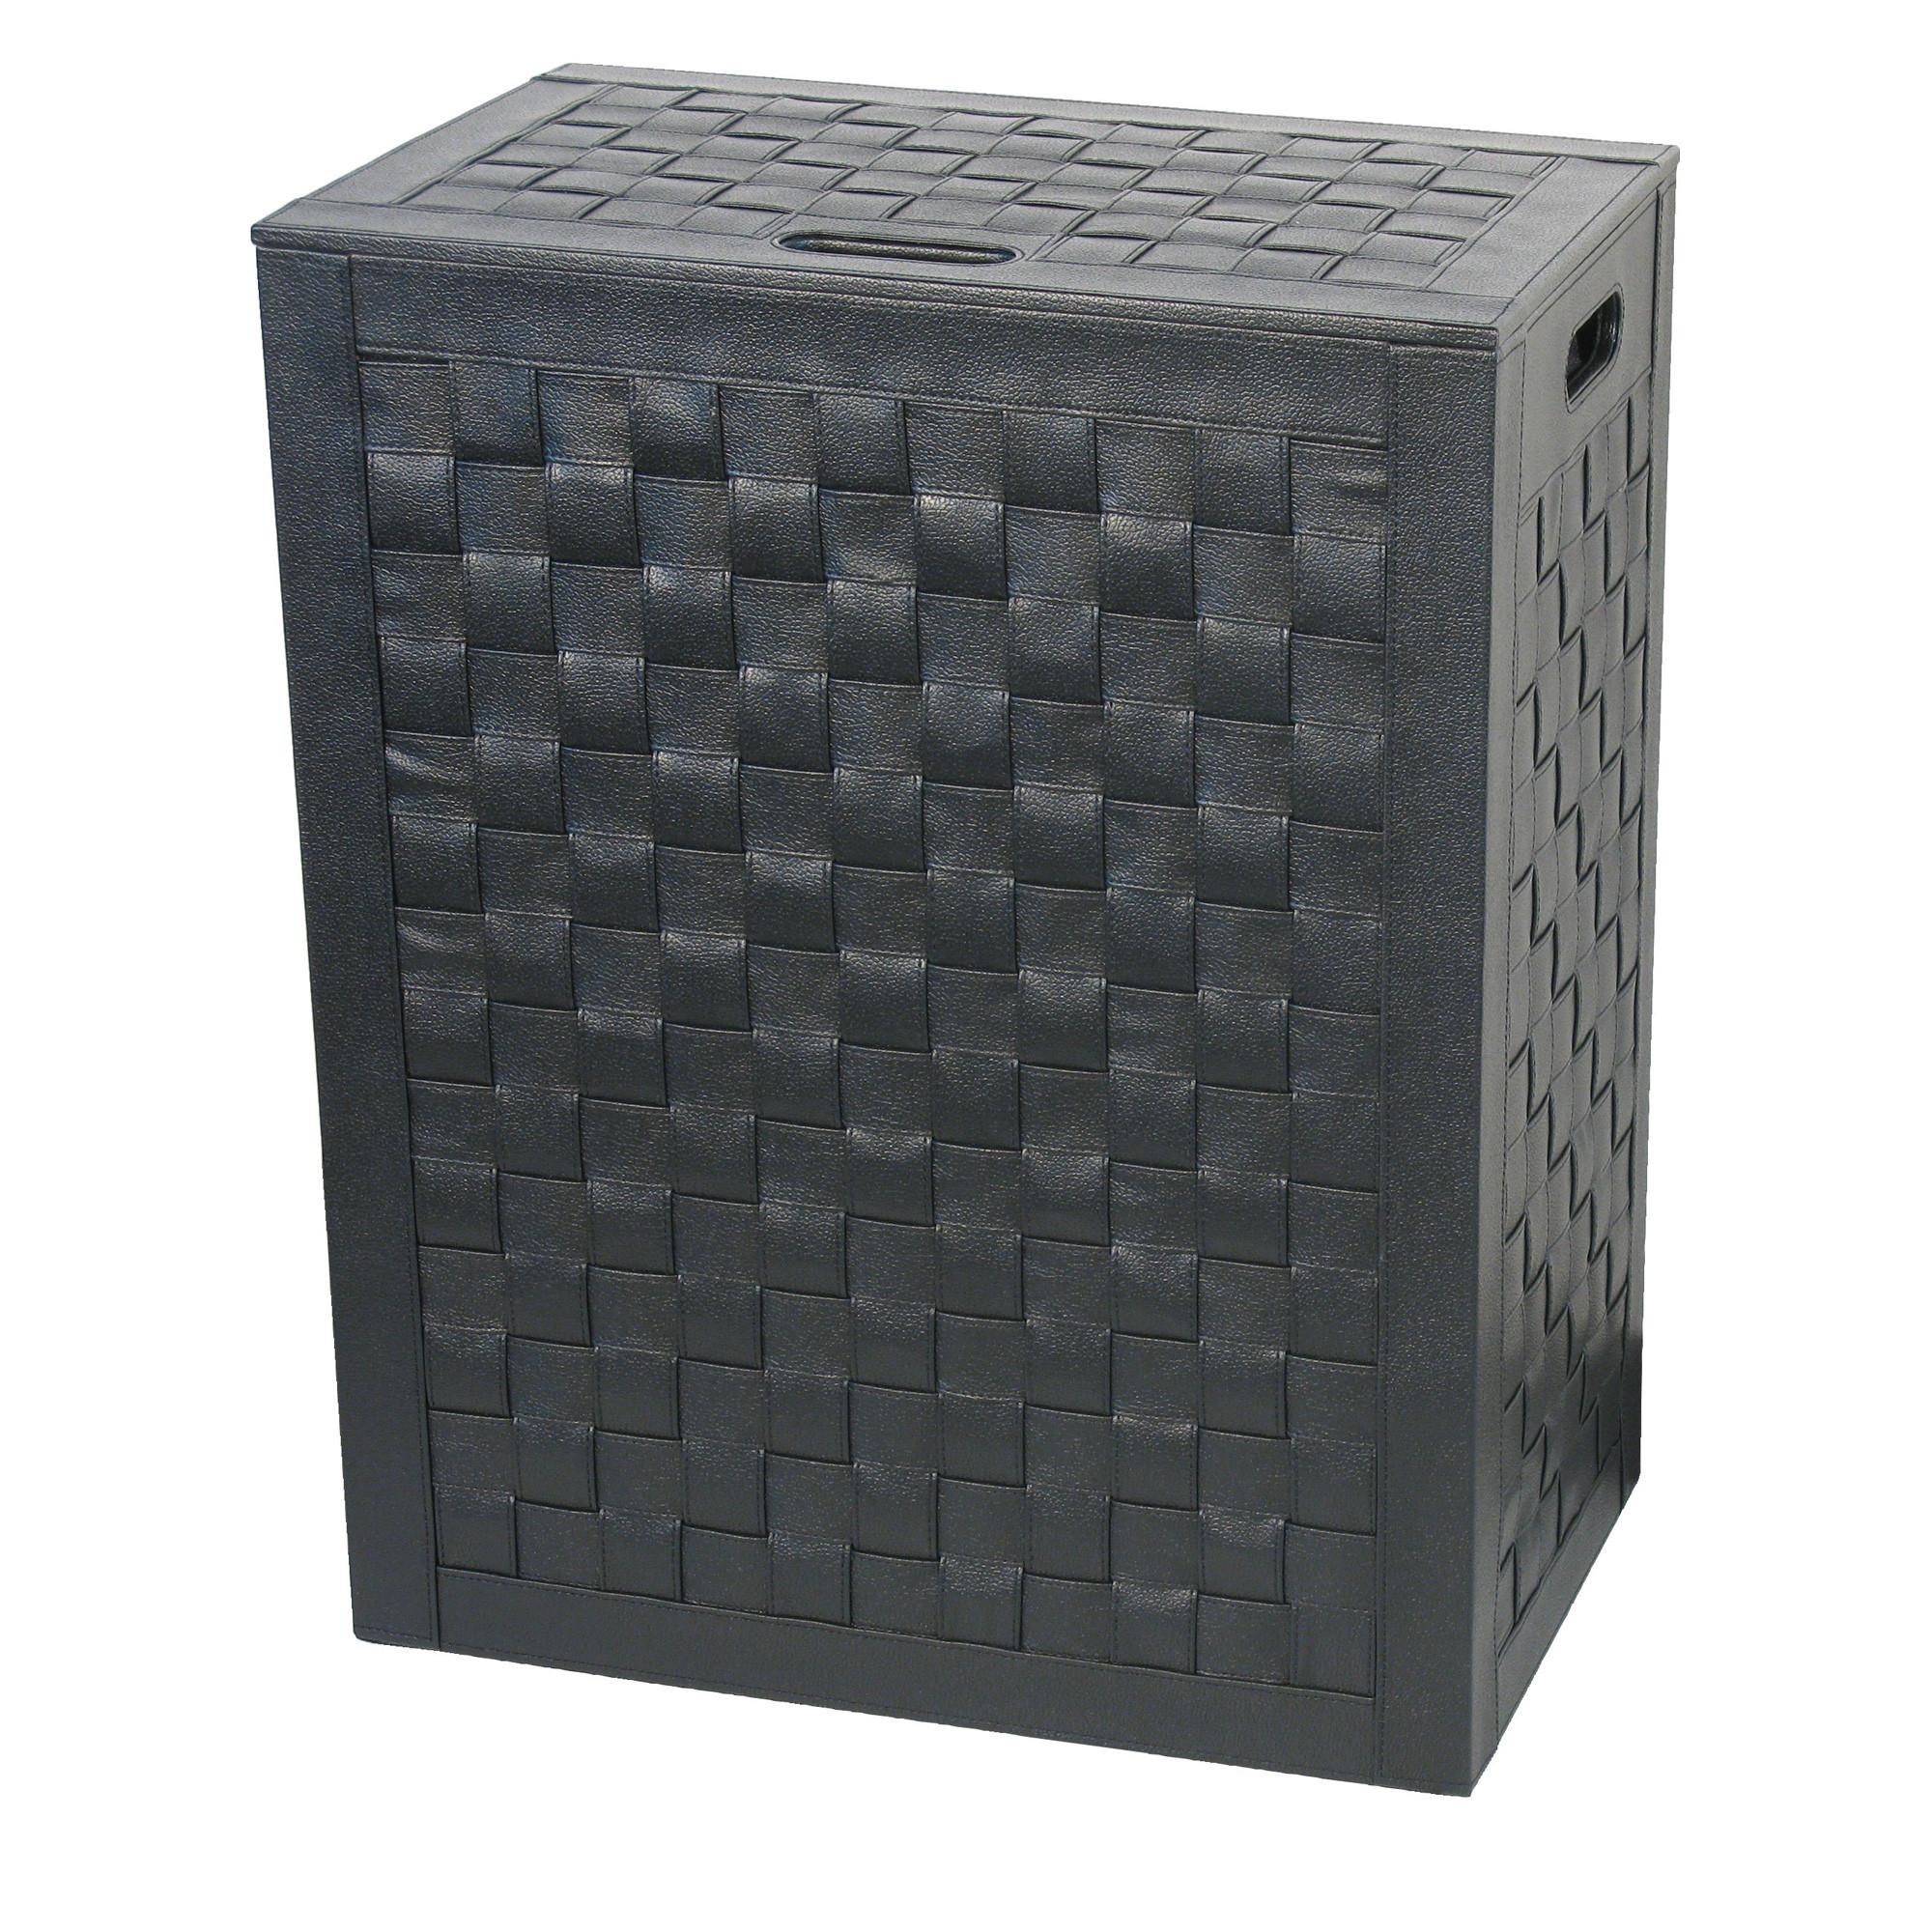 panier linge noir intrecci 60 5cm anjou connectique. Black Bedroom Furniture Sets. Home Design Ideas